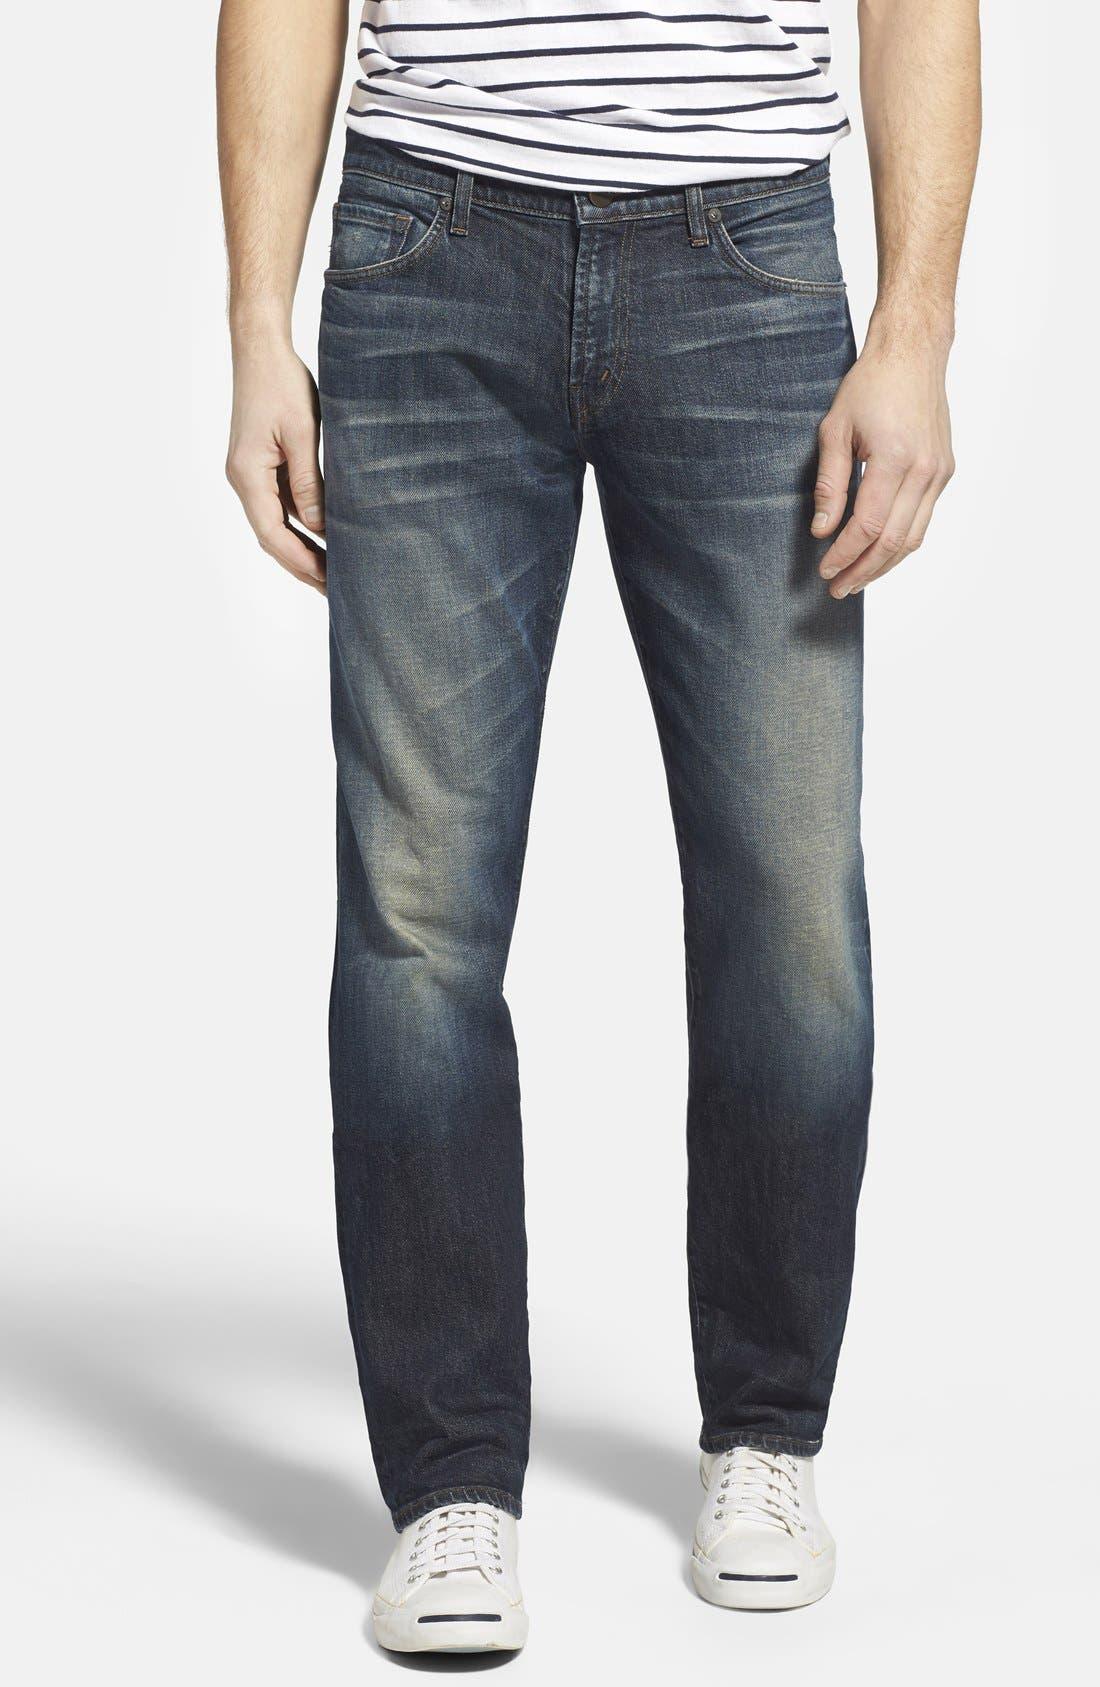 Alternate Image 1 Selected - J Brand 'Kane' Slim Straight Leg Jeans (Bronson)